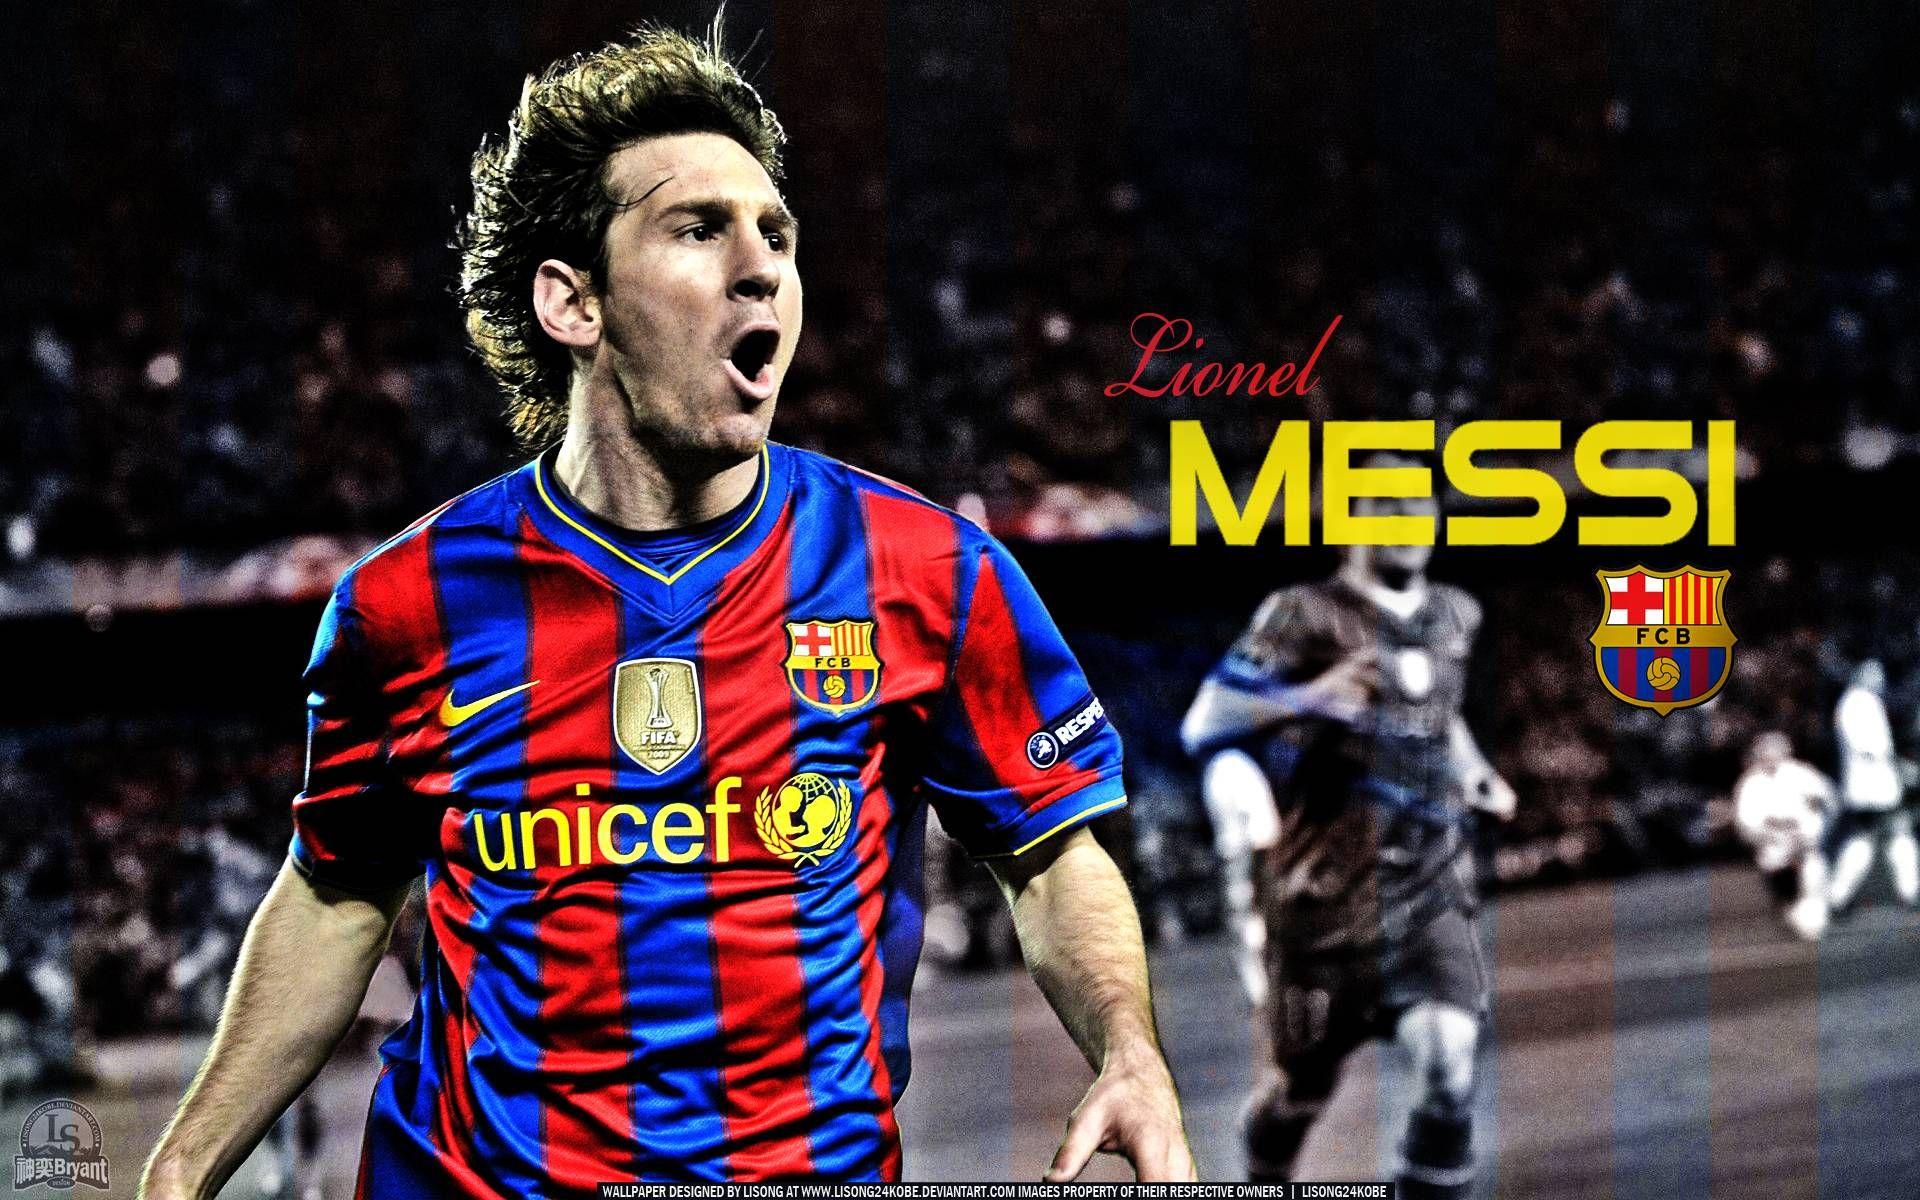 messi wallpaper leo soccer barcelona images camp nou jersey football player 1920x1200 1920a—1200 d¤nƒn'd±d¾dnŒd½dn nd²d